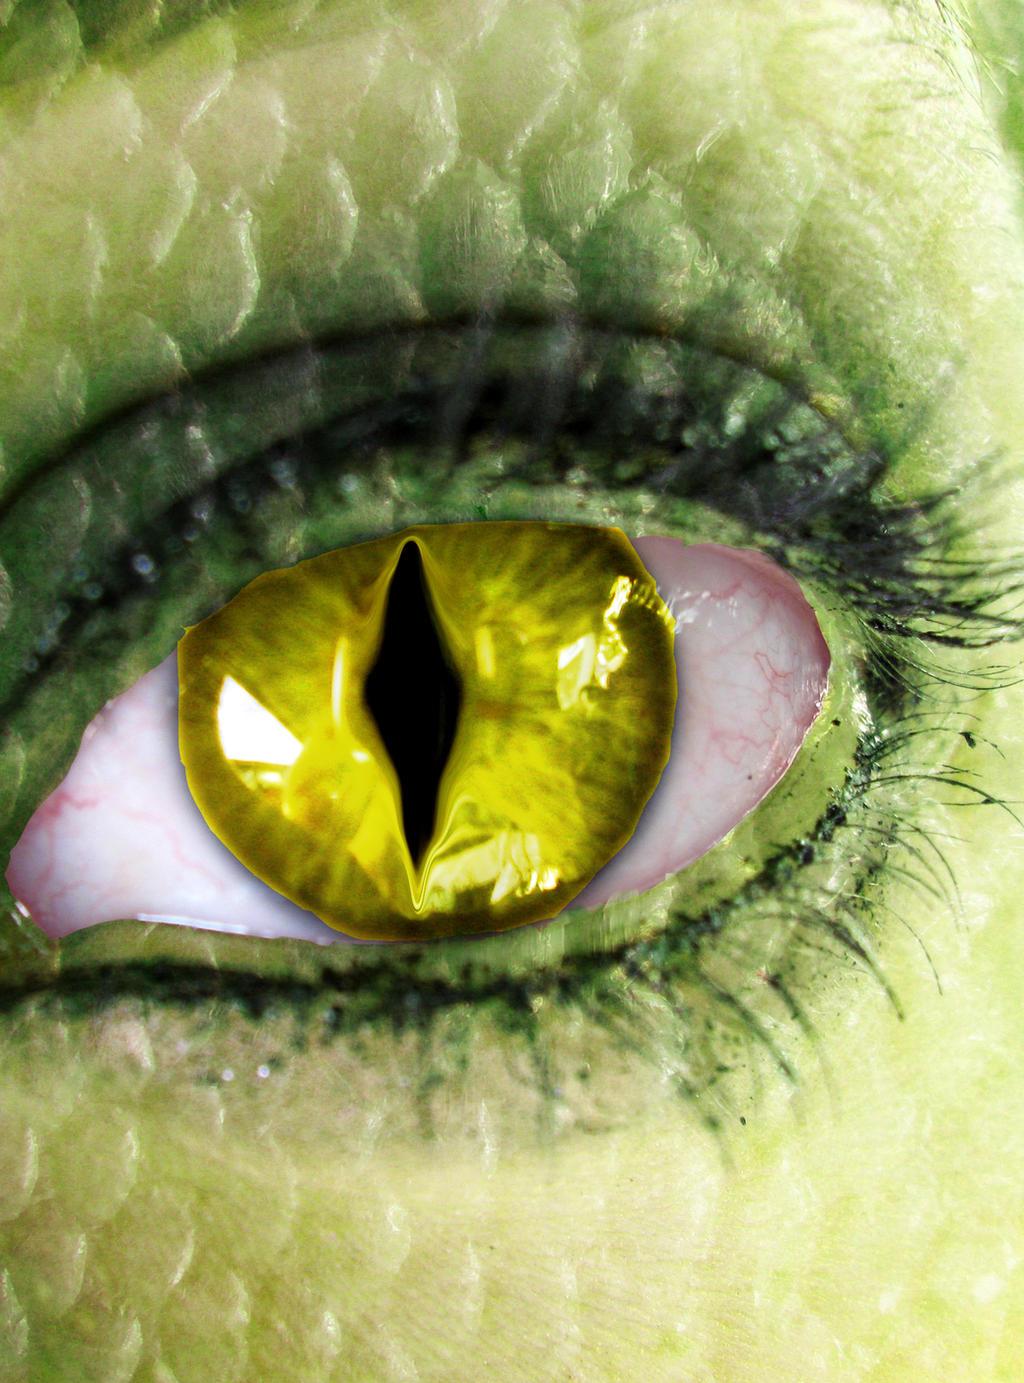 i_see_snake_eyes_by_klaymortia.jpg?token